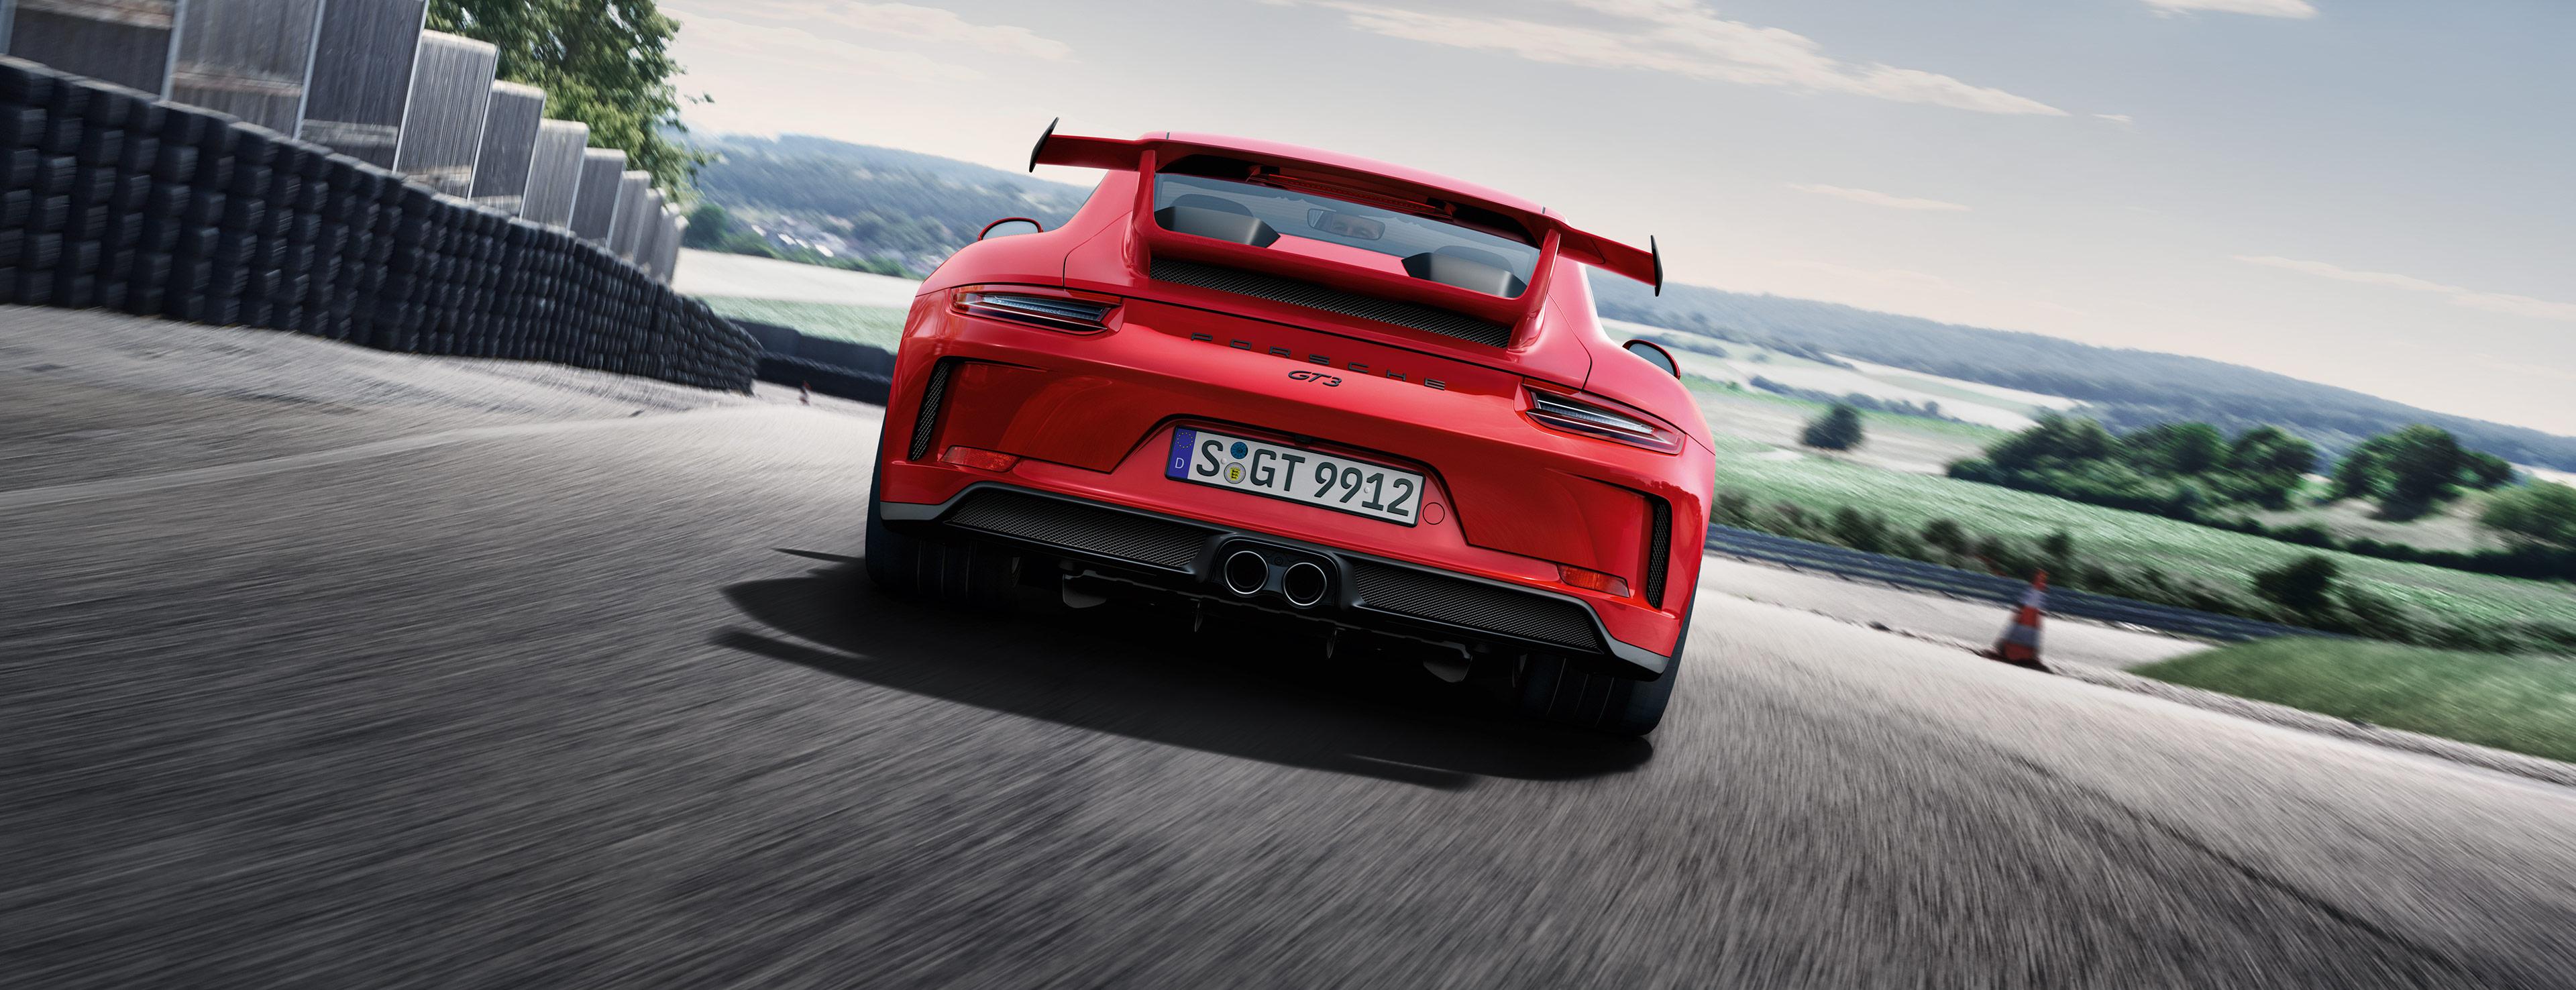 Porsche 911 Gt3 Modelle Porsche Deutschland